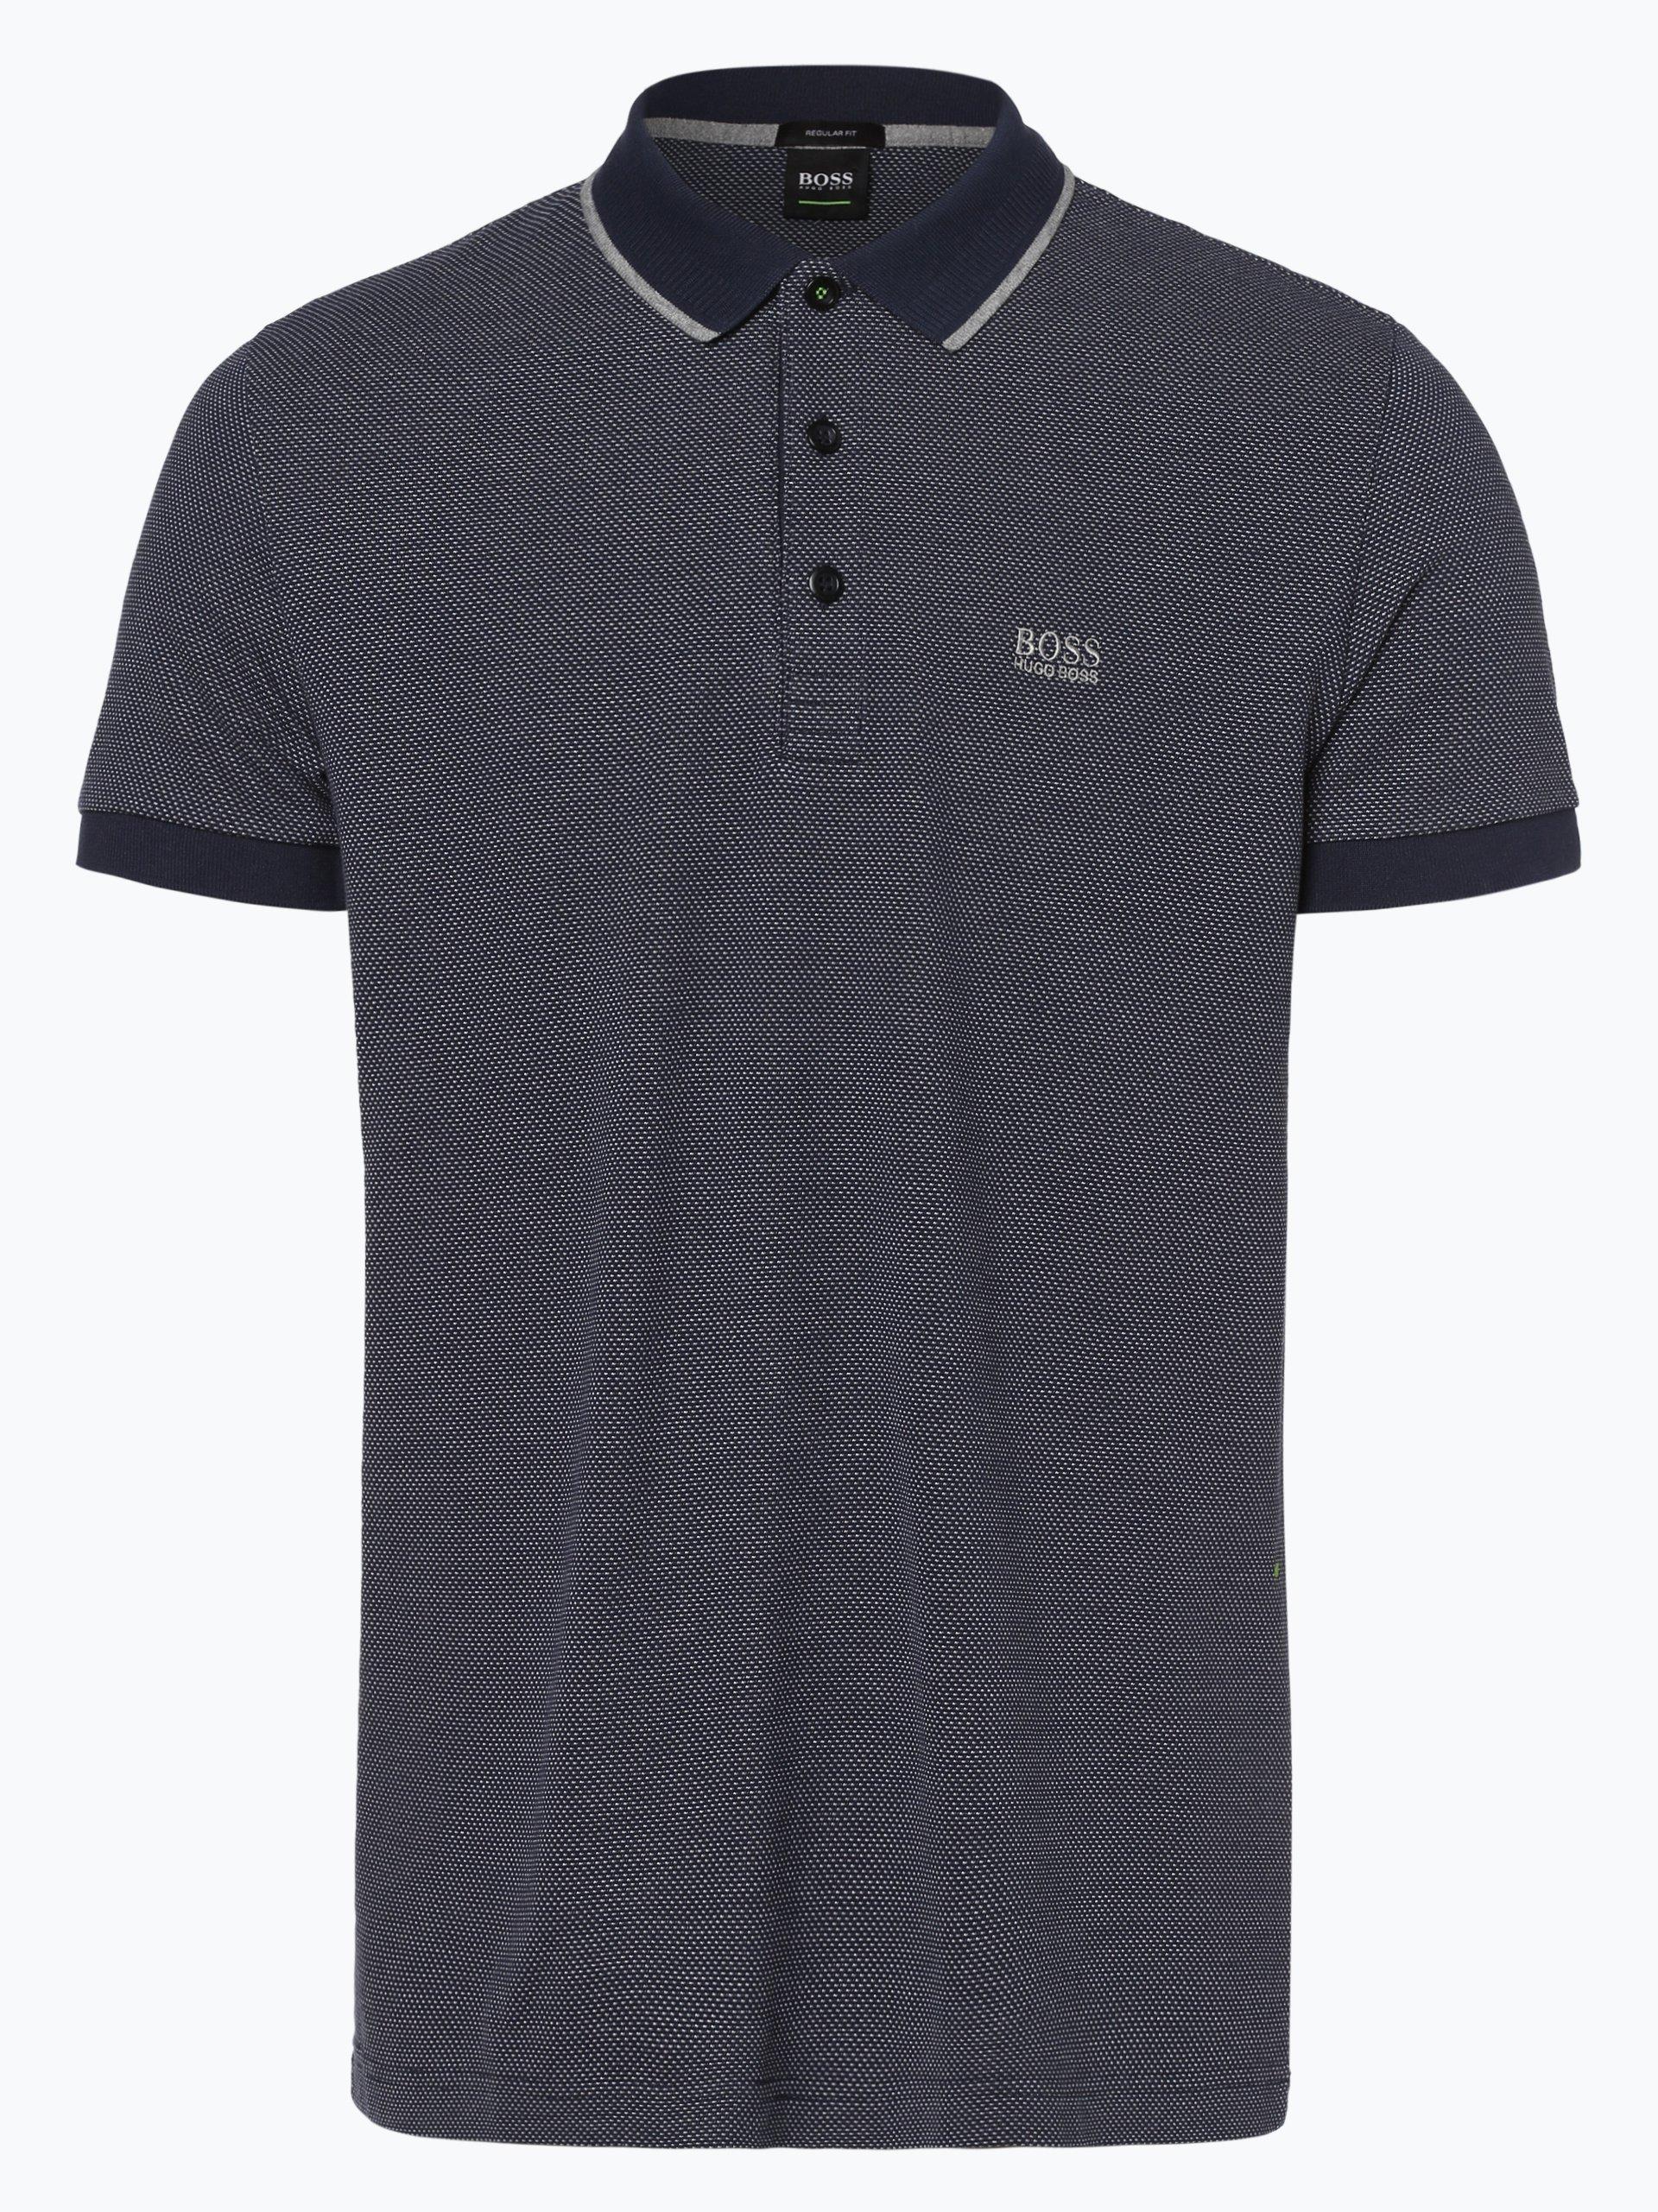 BOSS Athleisure Herren Poloshirt - Paddy 2